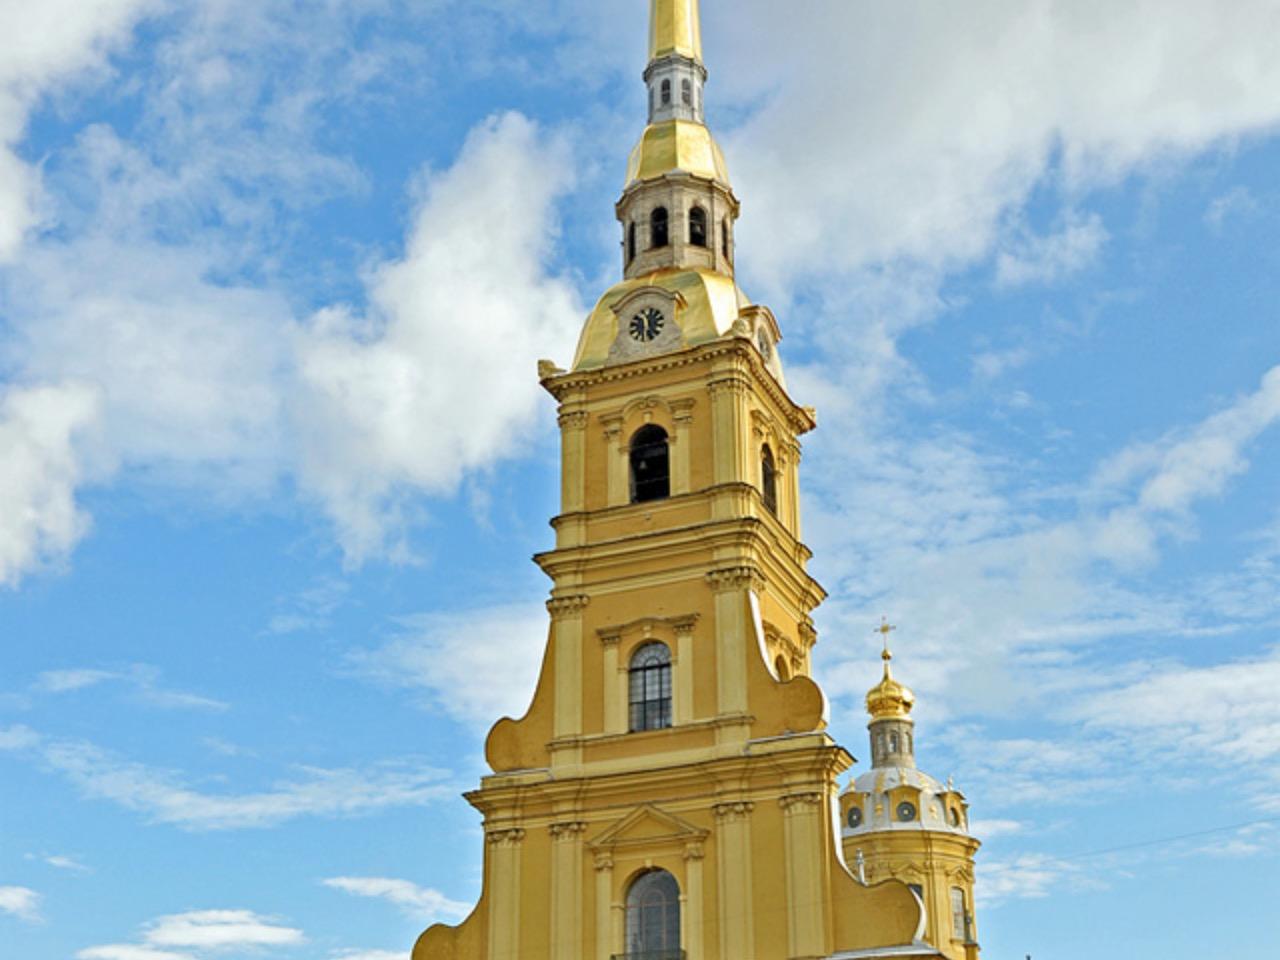 Экскурсия в Петропавловскую крепость - индивидуальная экскурсия по Санкт-Петербургу от опытного гида